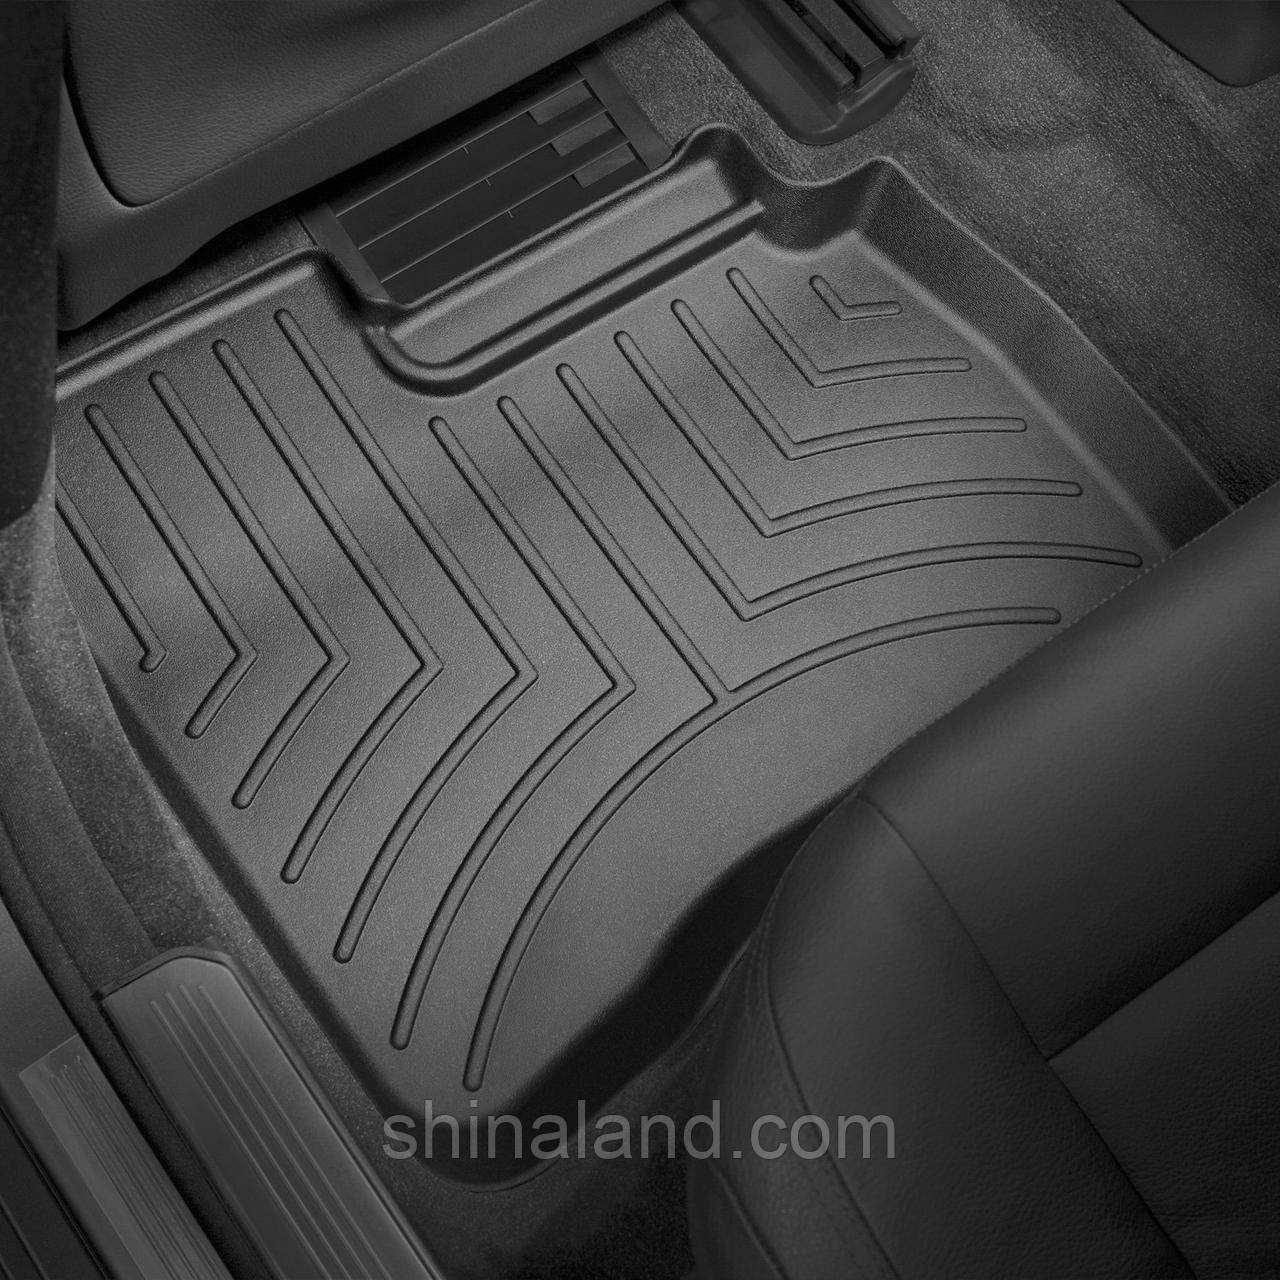 Коврики в салон Mercedes-Benz S-class (W221) (короткая база) 2005 - 2013 черные, Tri-Extruded (WeatherTech) - второй ряд